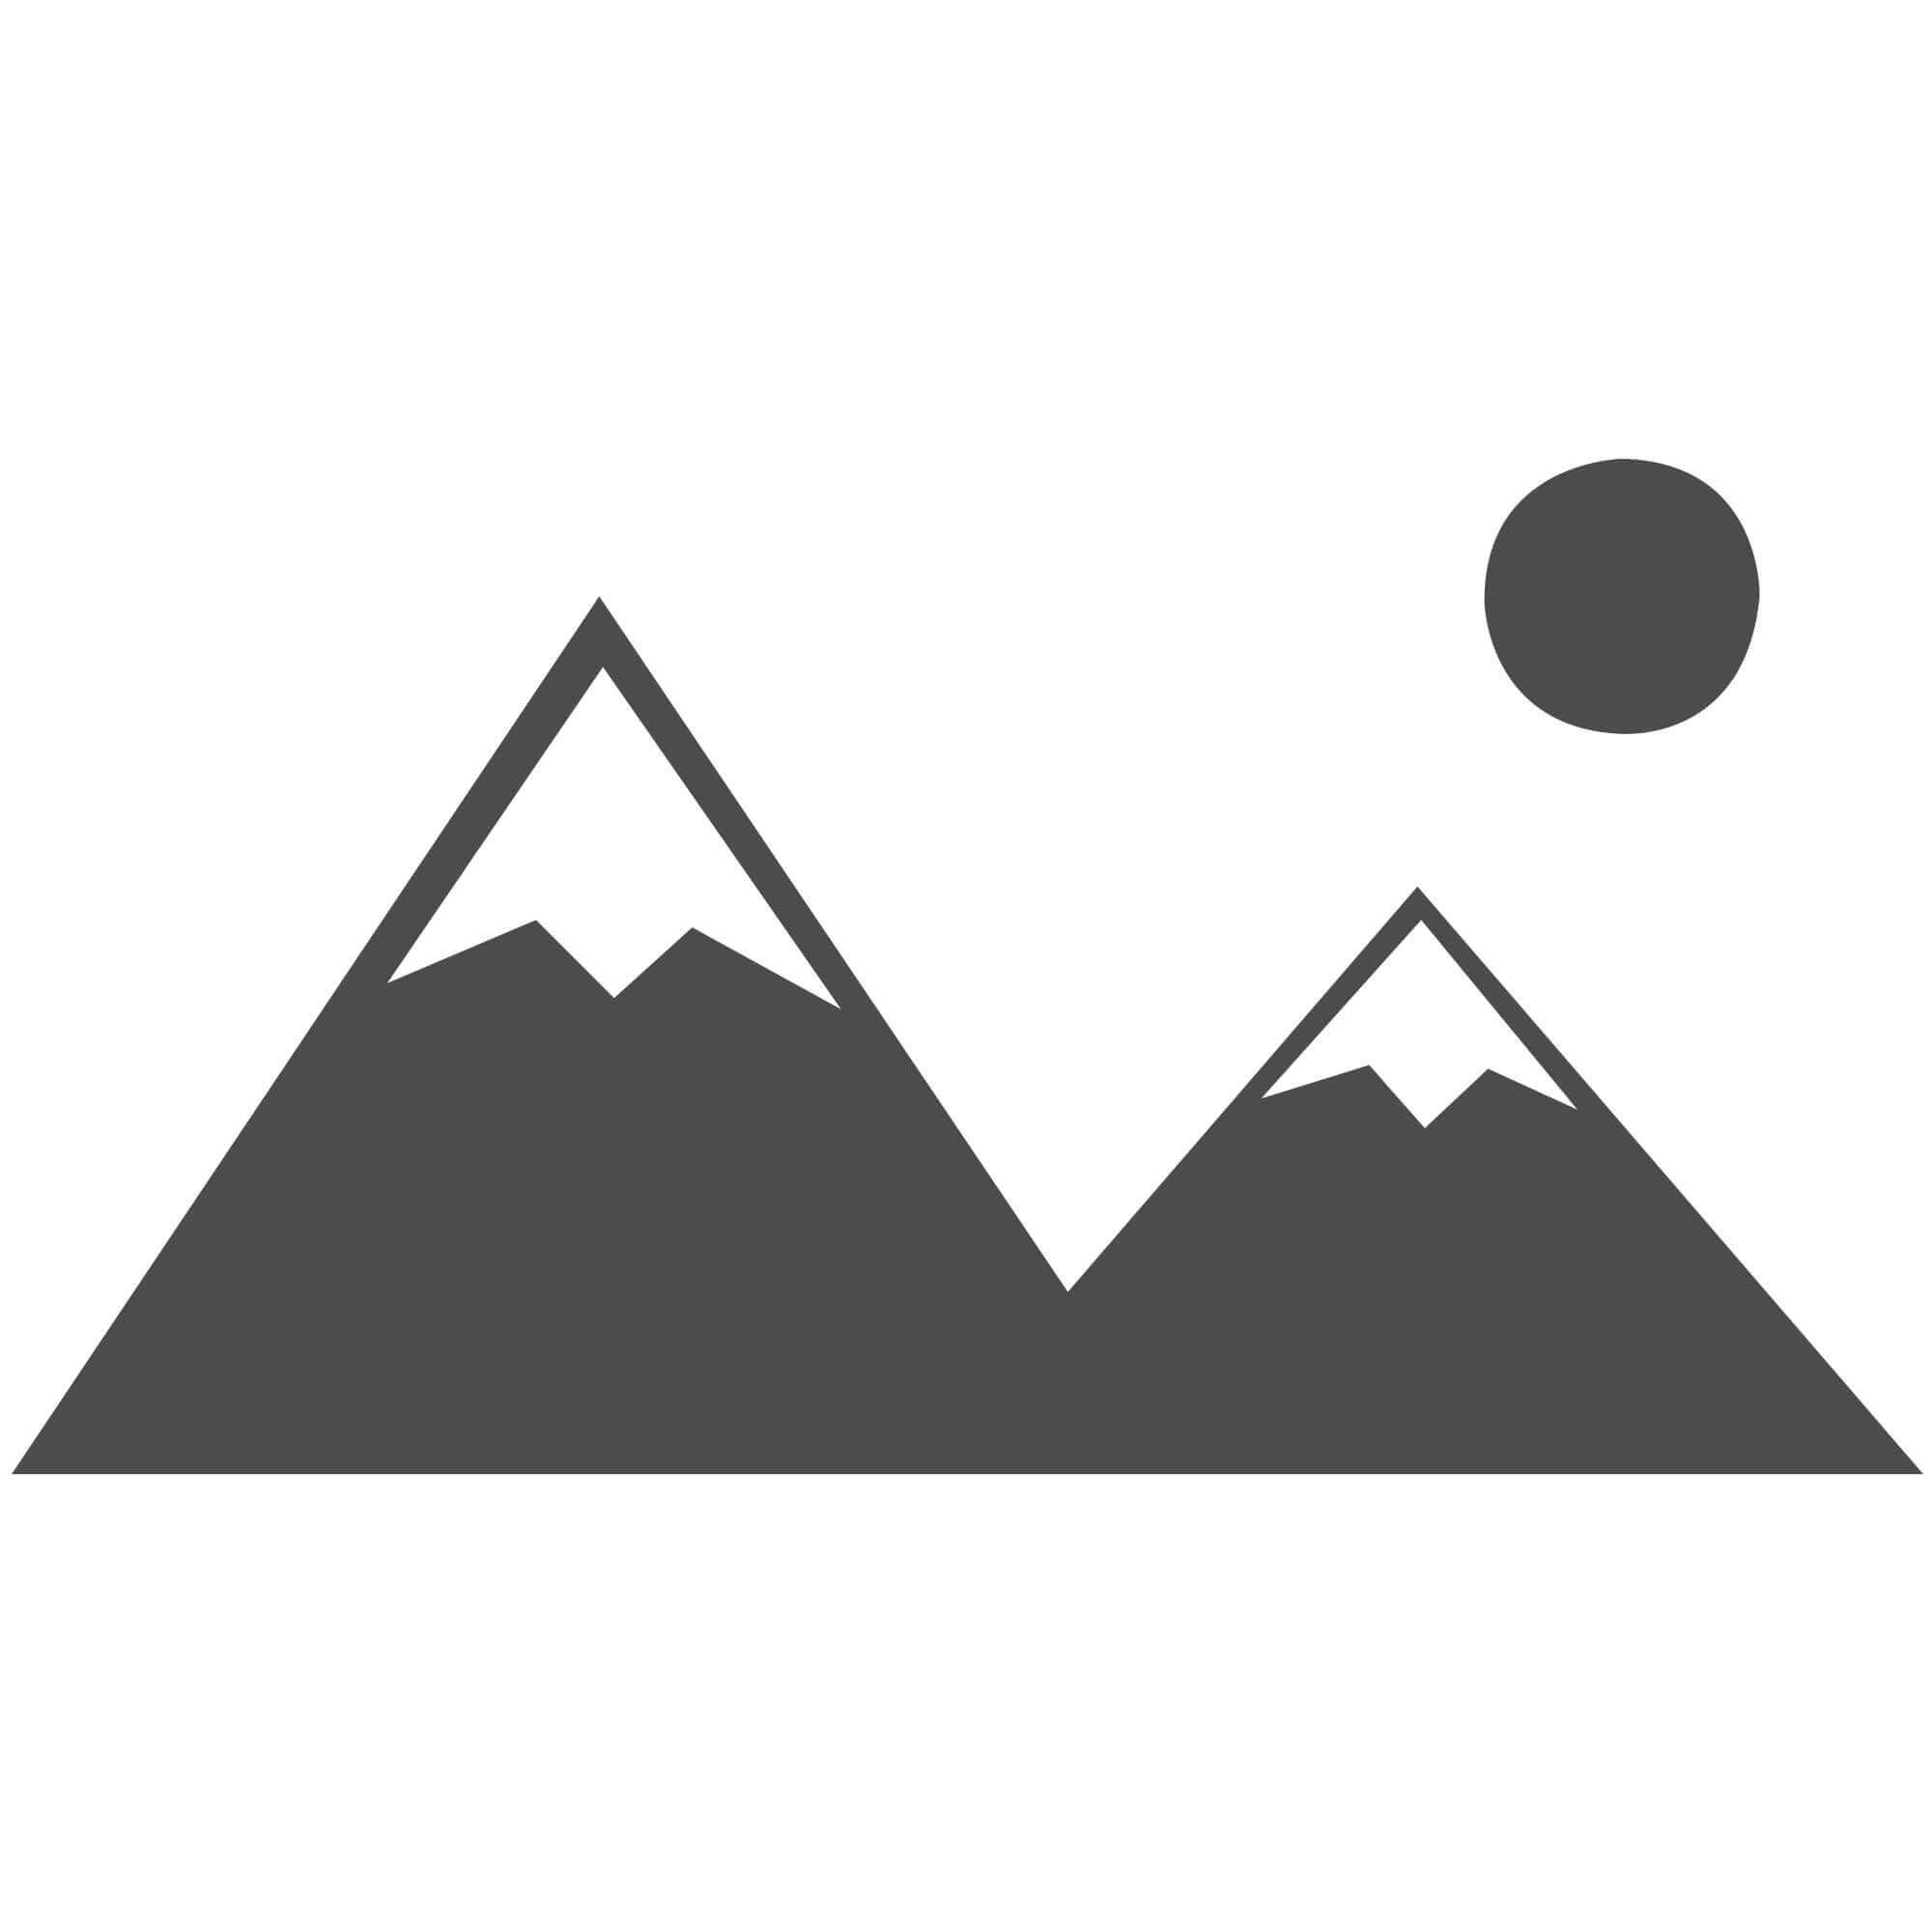 """New Vintage Azur 8015 Rug by Louis de Poortere-80 x 150 cm (2'8"""" x 5')"""